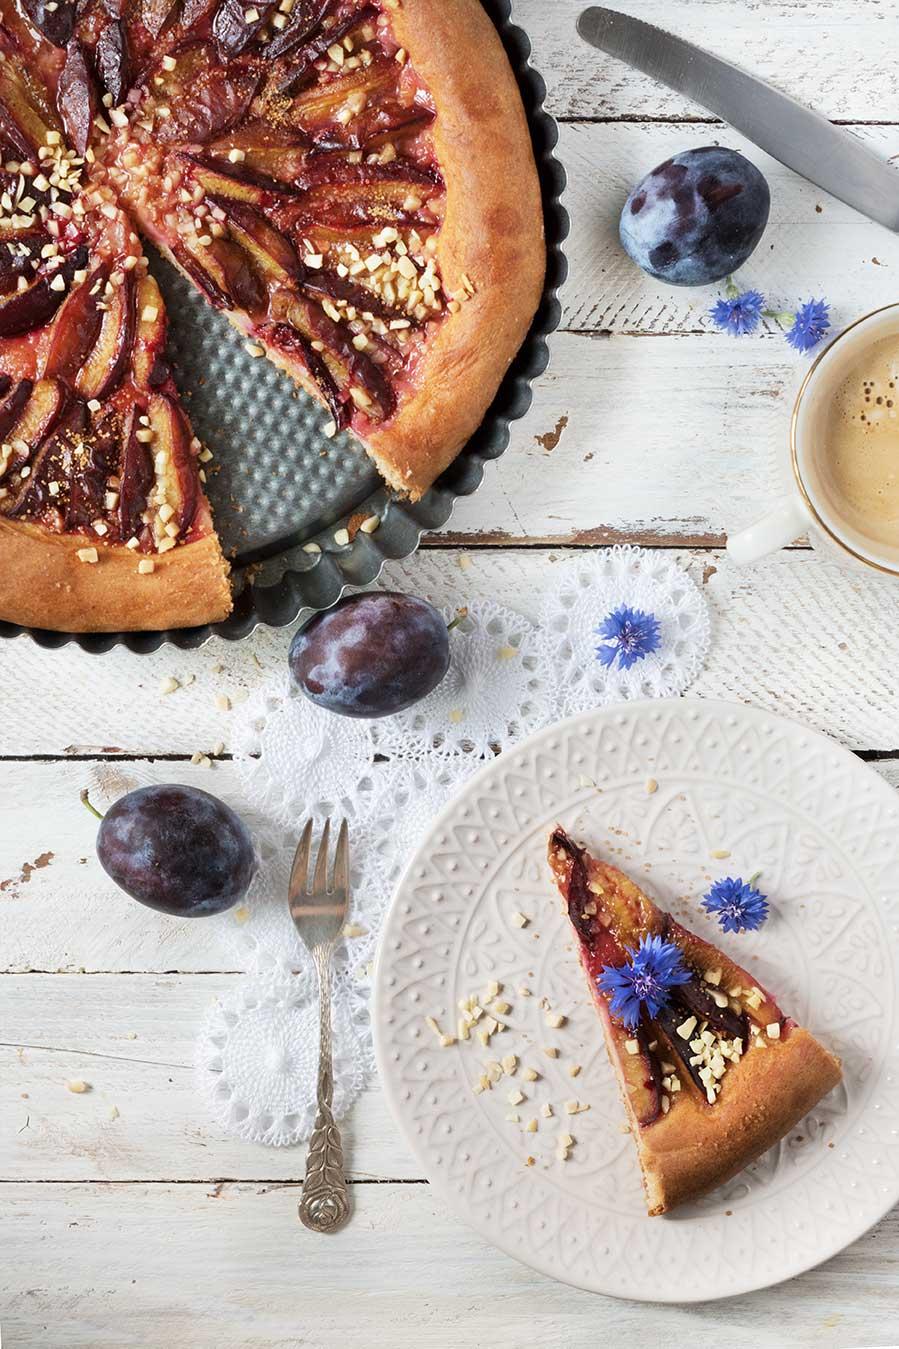 Pflaumenkuchen auf dem Tisch